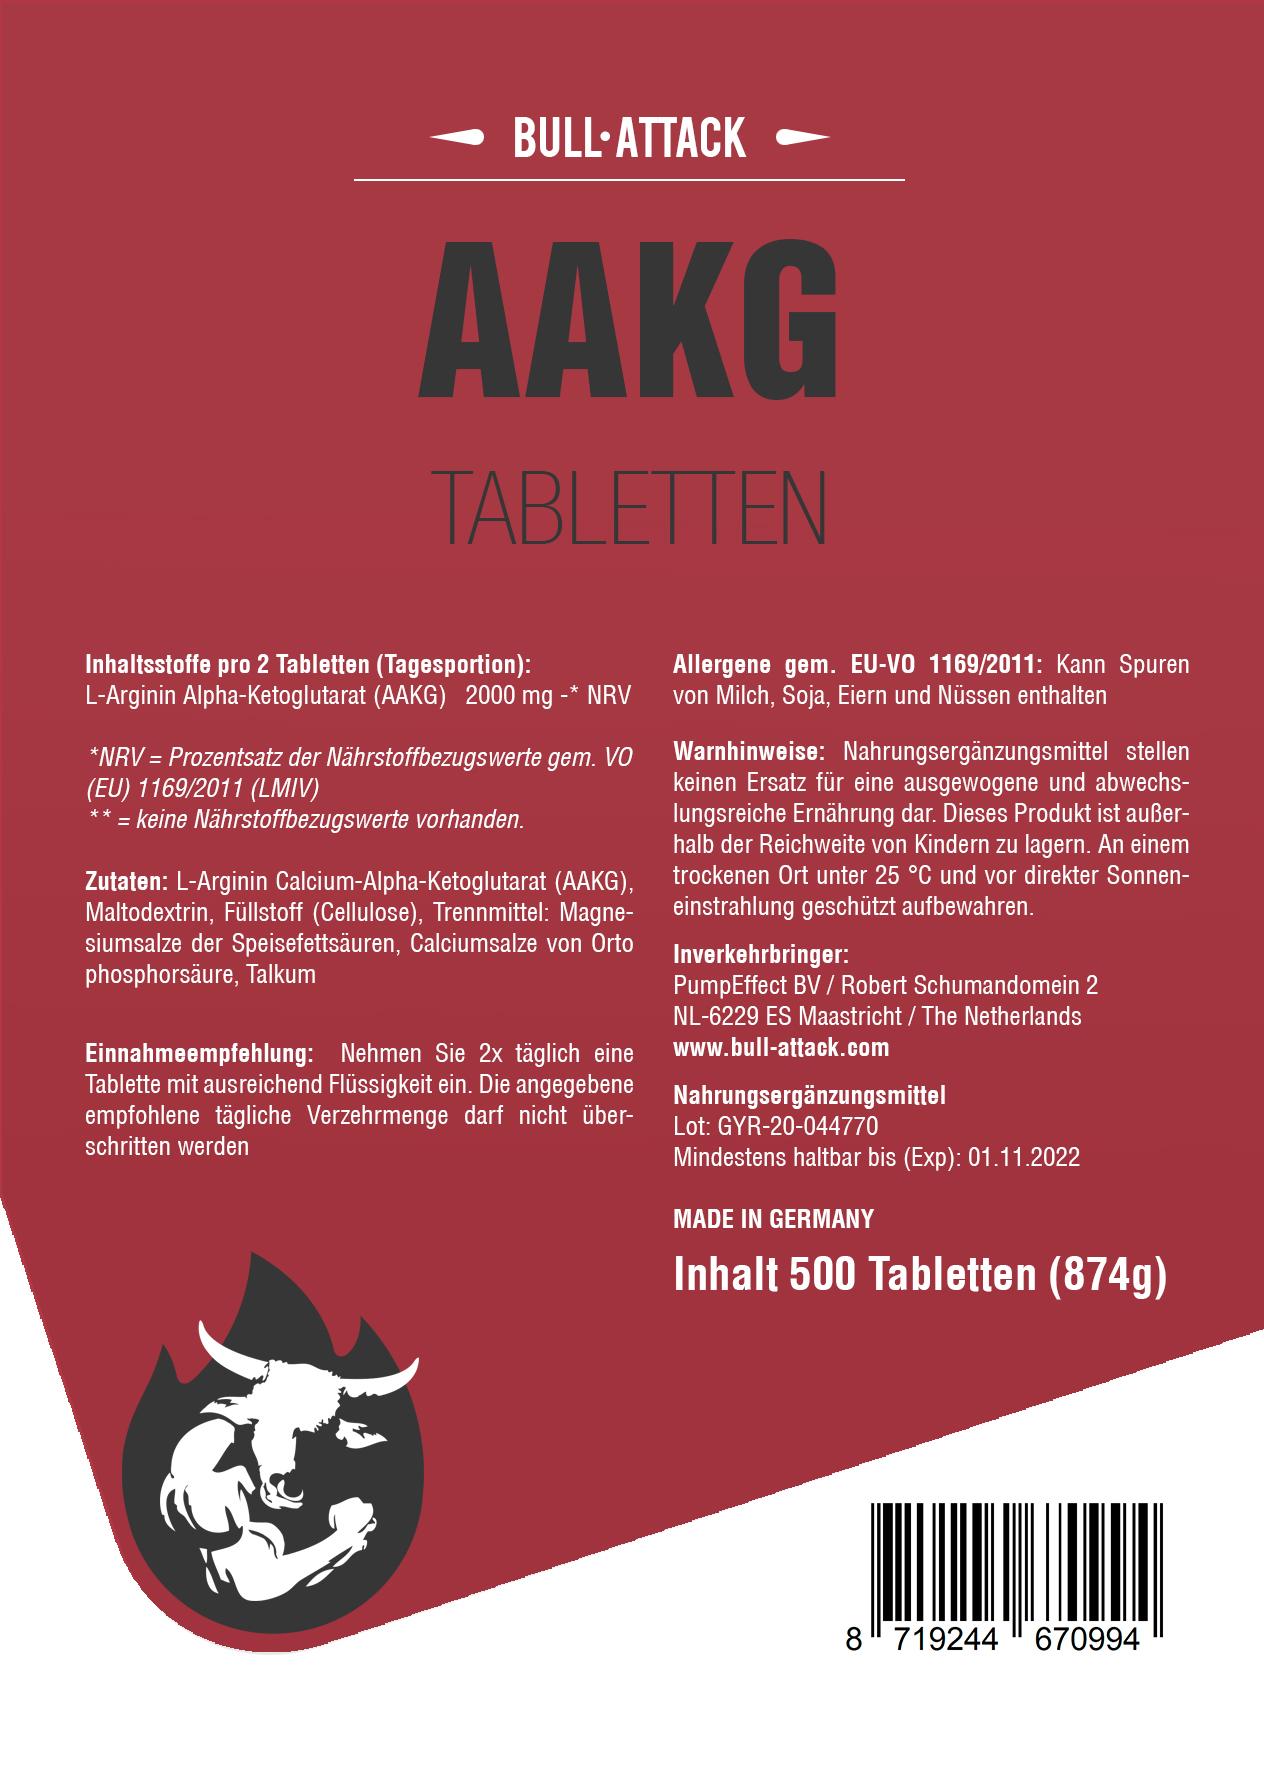 AAKG | 500 Tabletten